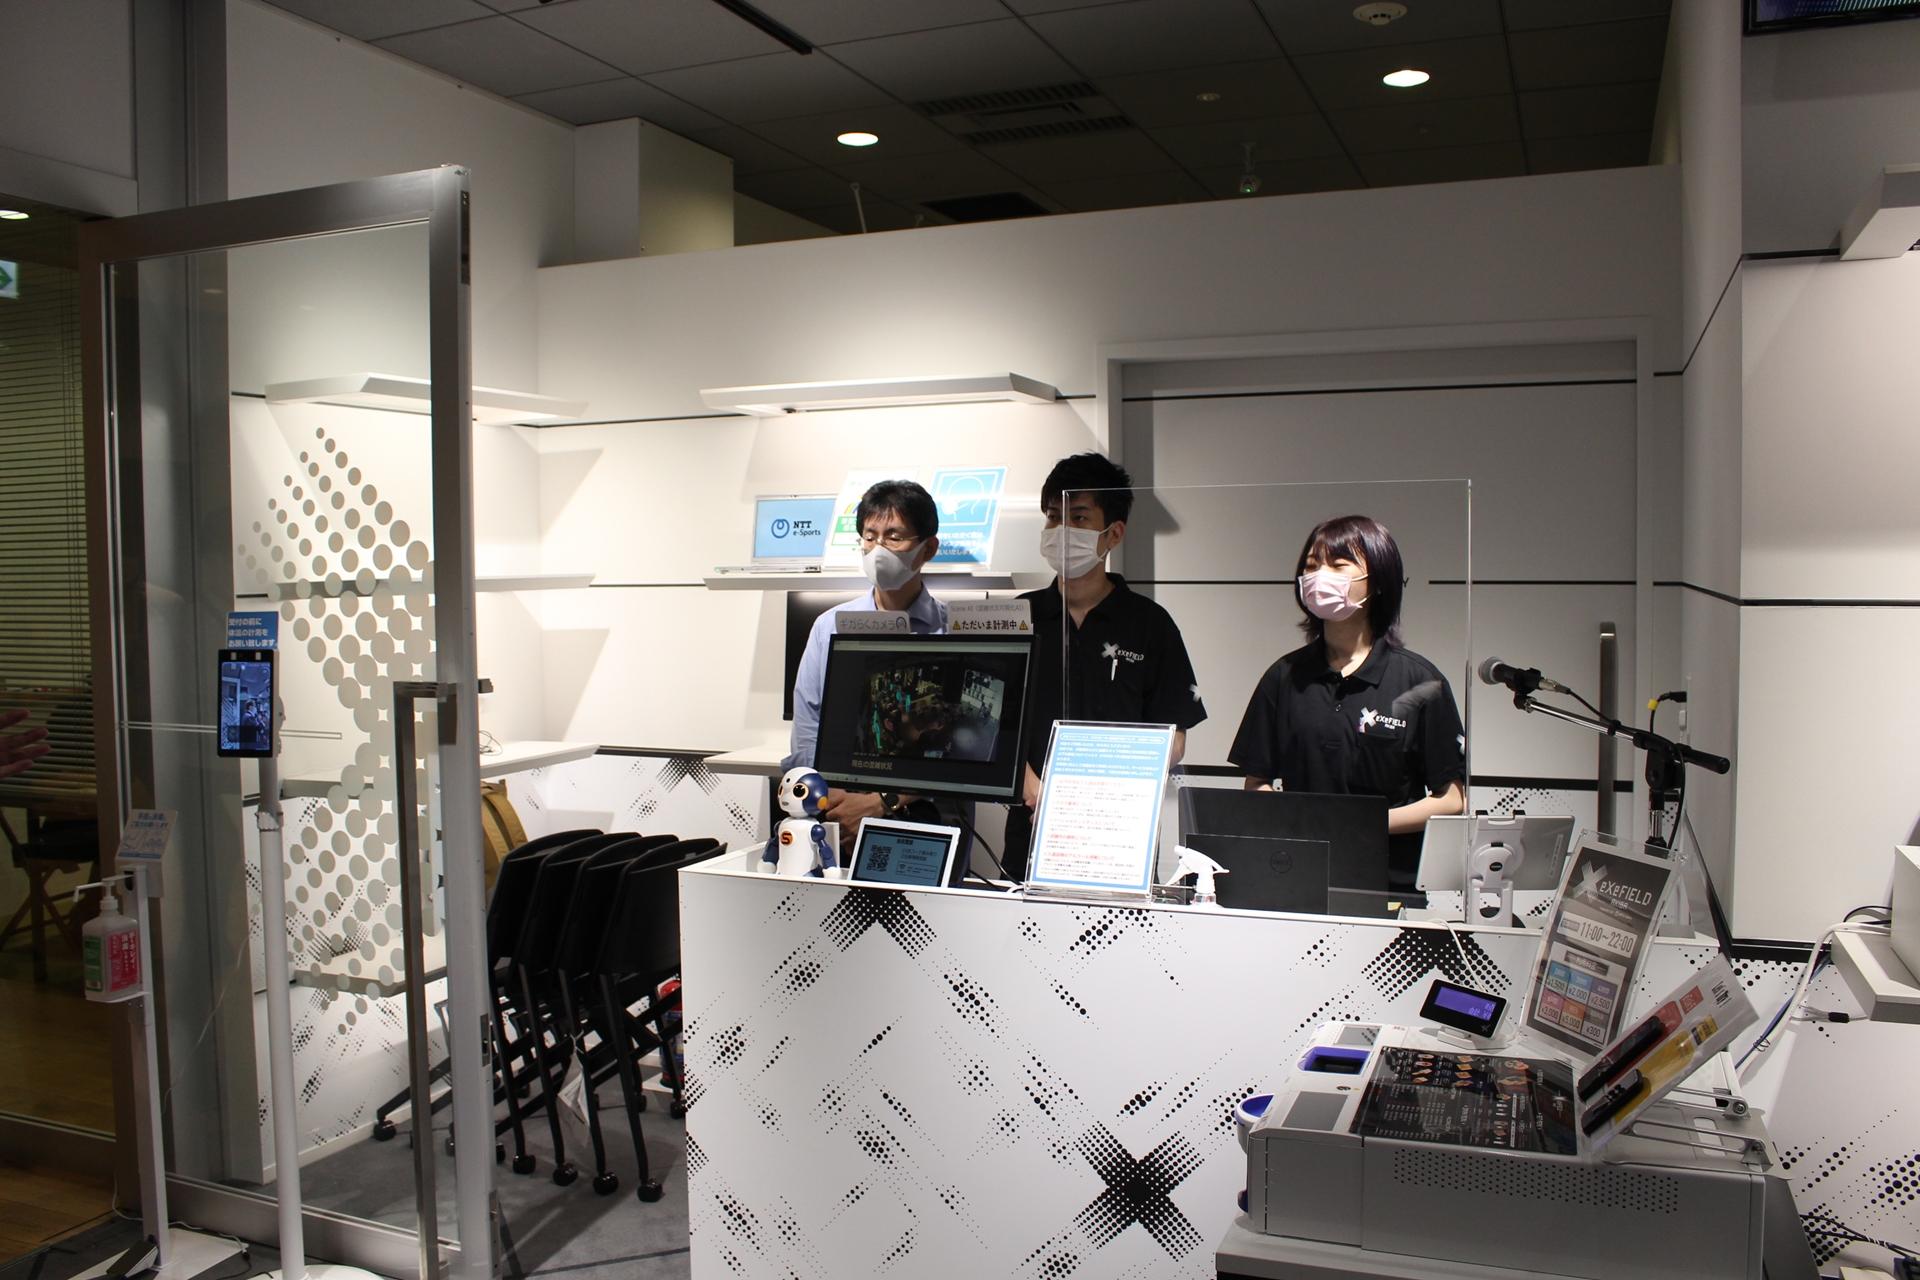 受付には消毒用アルコールと検温用モニターを設置。人員をできるだけ少なくするためにロボットの「Sota」も置かれており、Sotaは会員登録や利用規約の説明をしてくれる